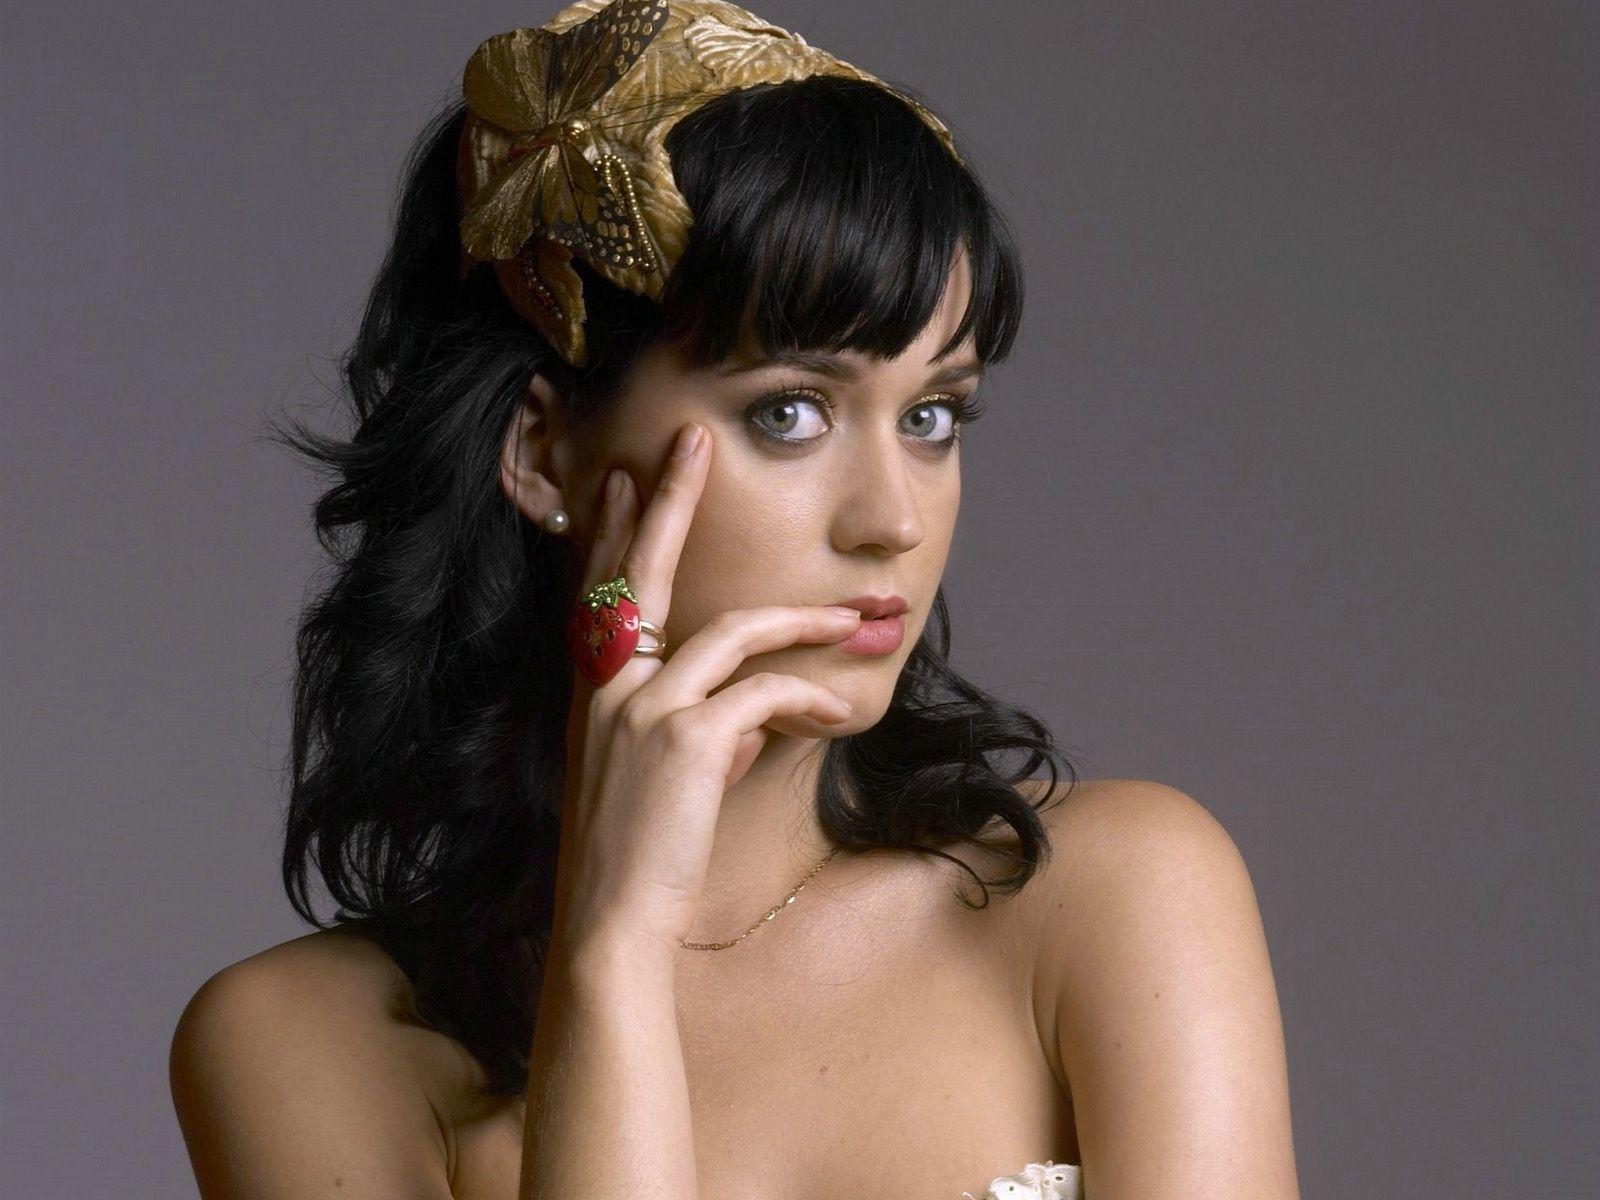 Katy Perry Popstar più Ricca al Mondo